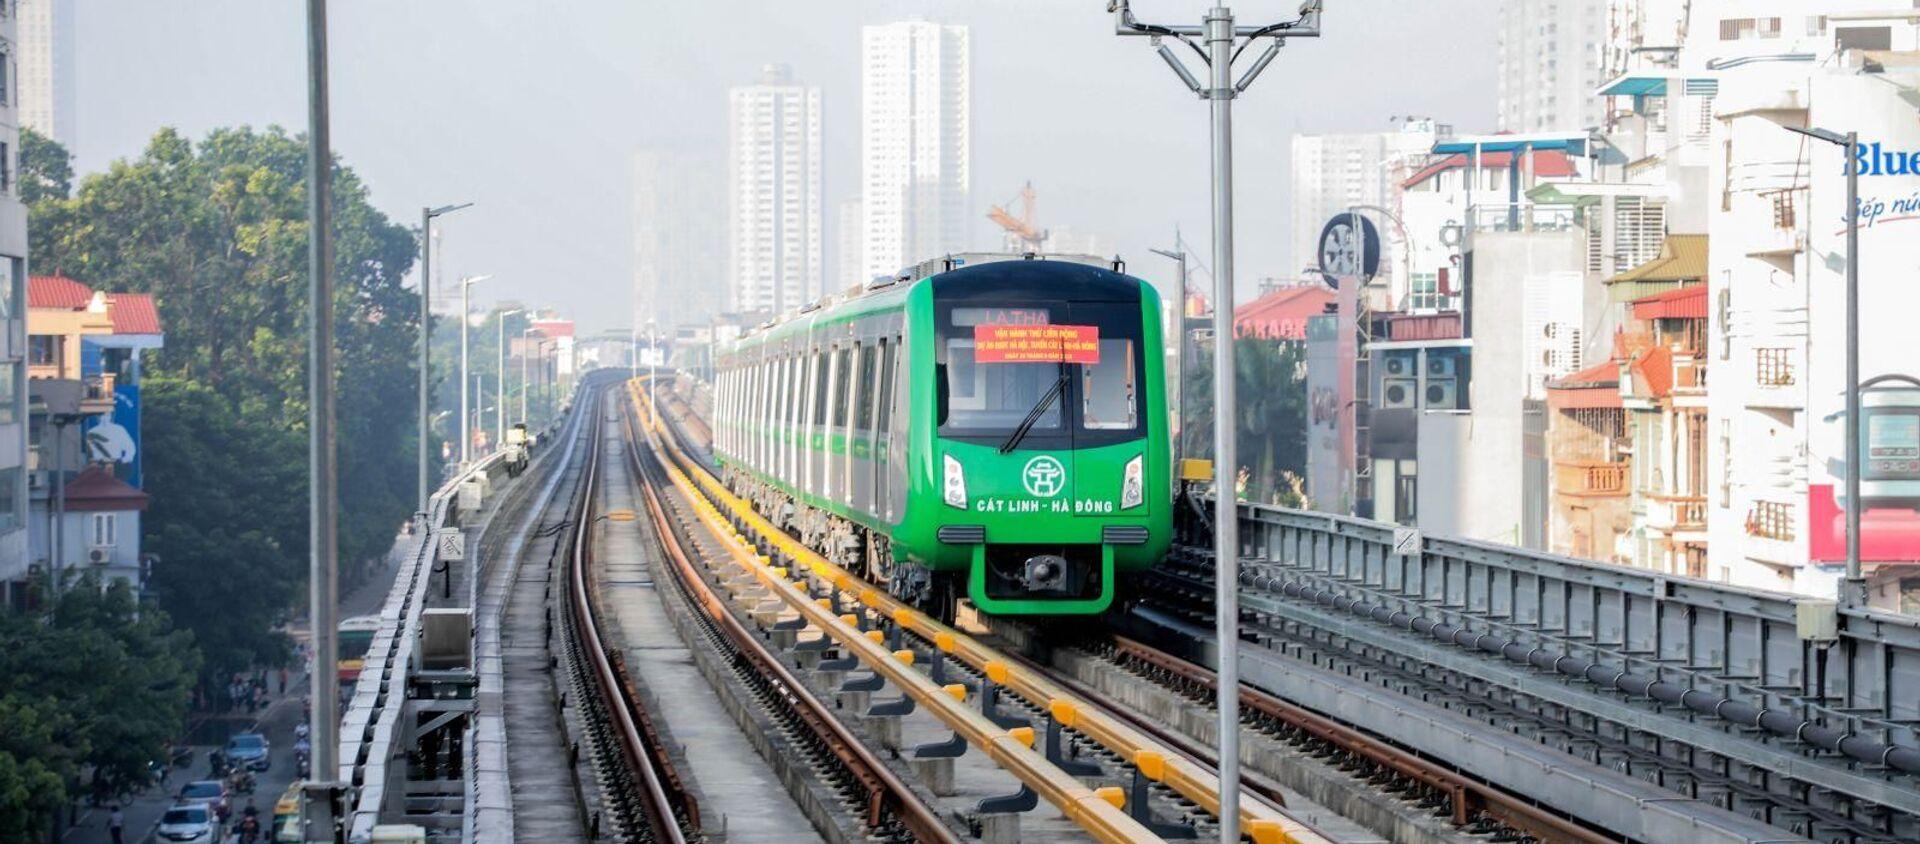 Năm đoàn tàu của tuyến đường sắt trên cao Cát Linh - Hà Đông đã tiến hành chạy thử toàn tuyến. - Sputnik Việt Nam, 1920, 04.04.2020